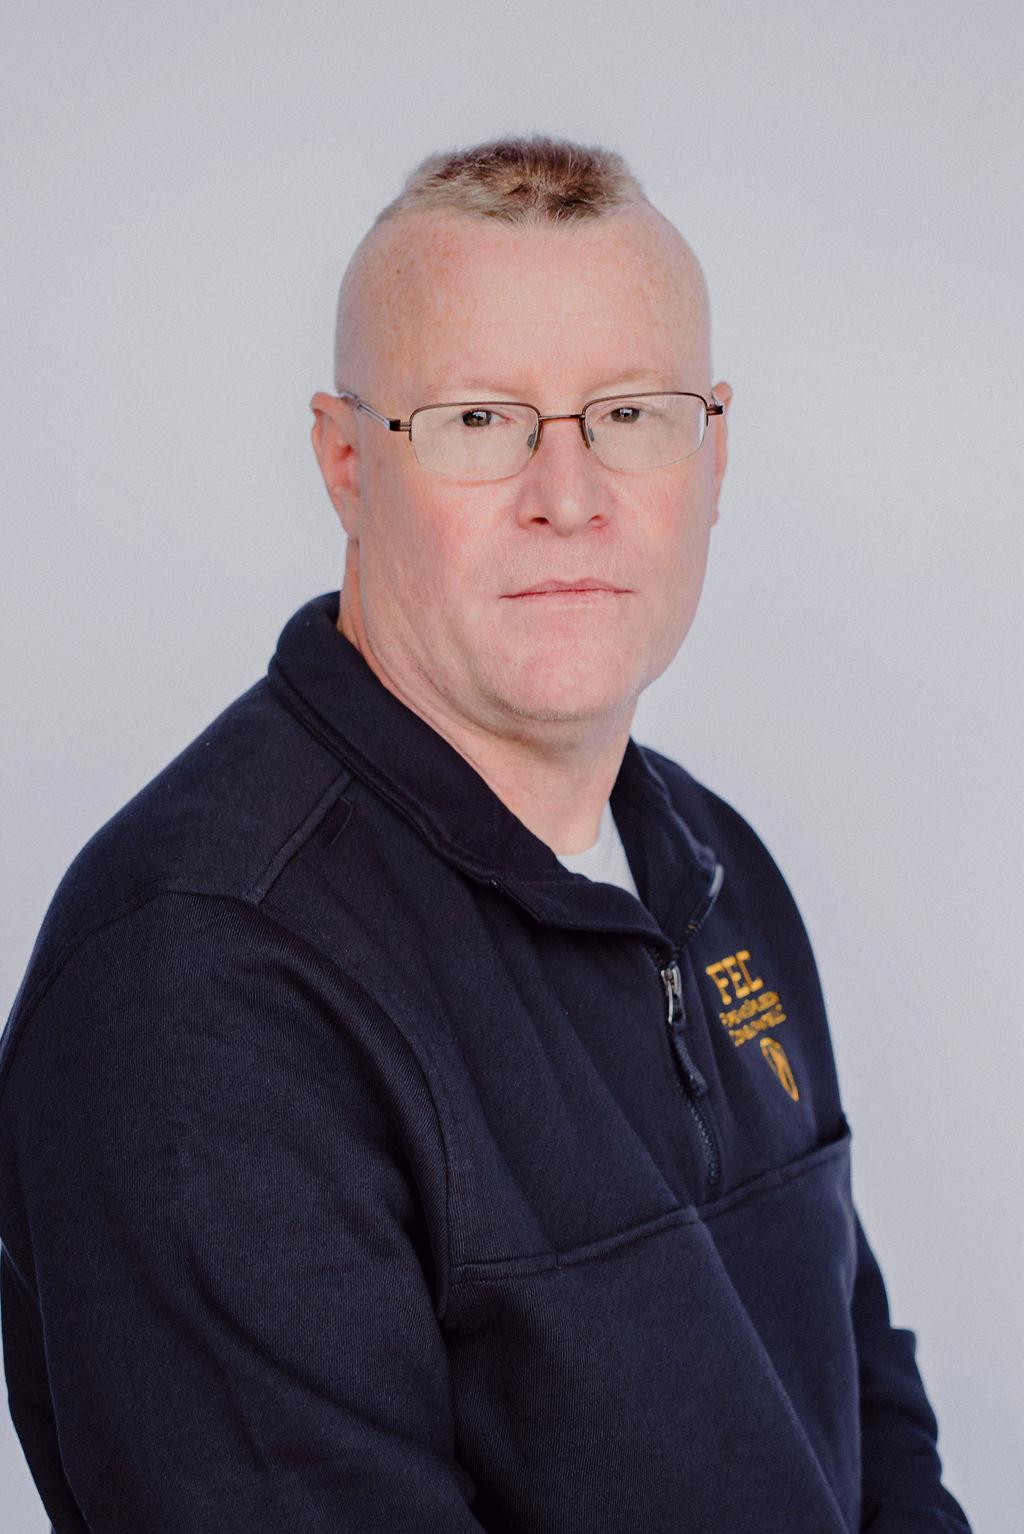 Brian Krimmer